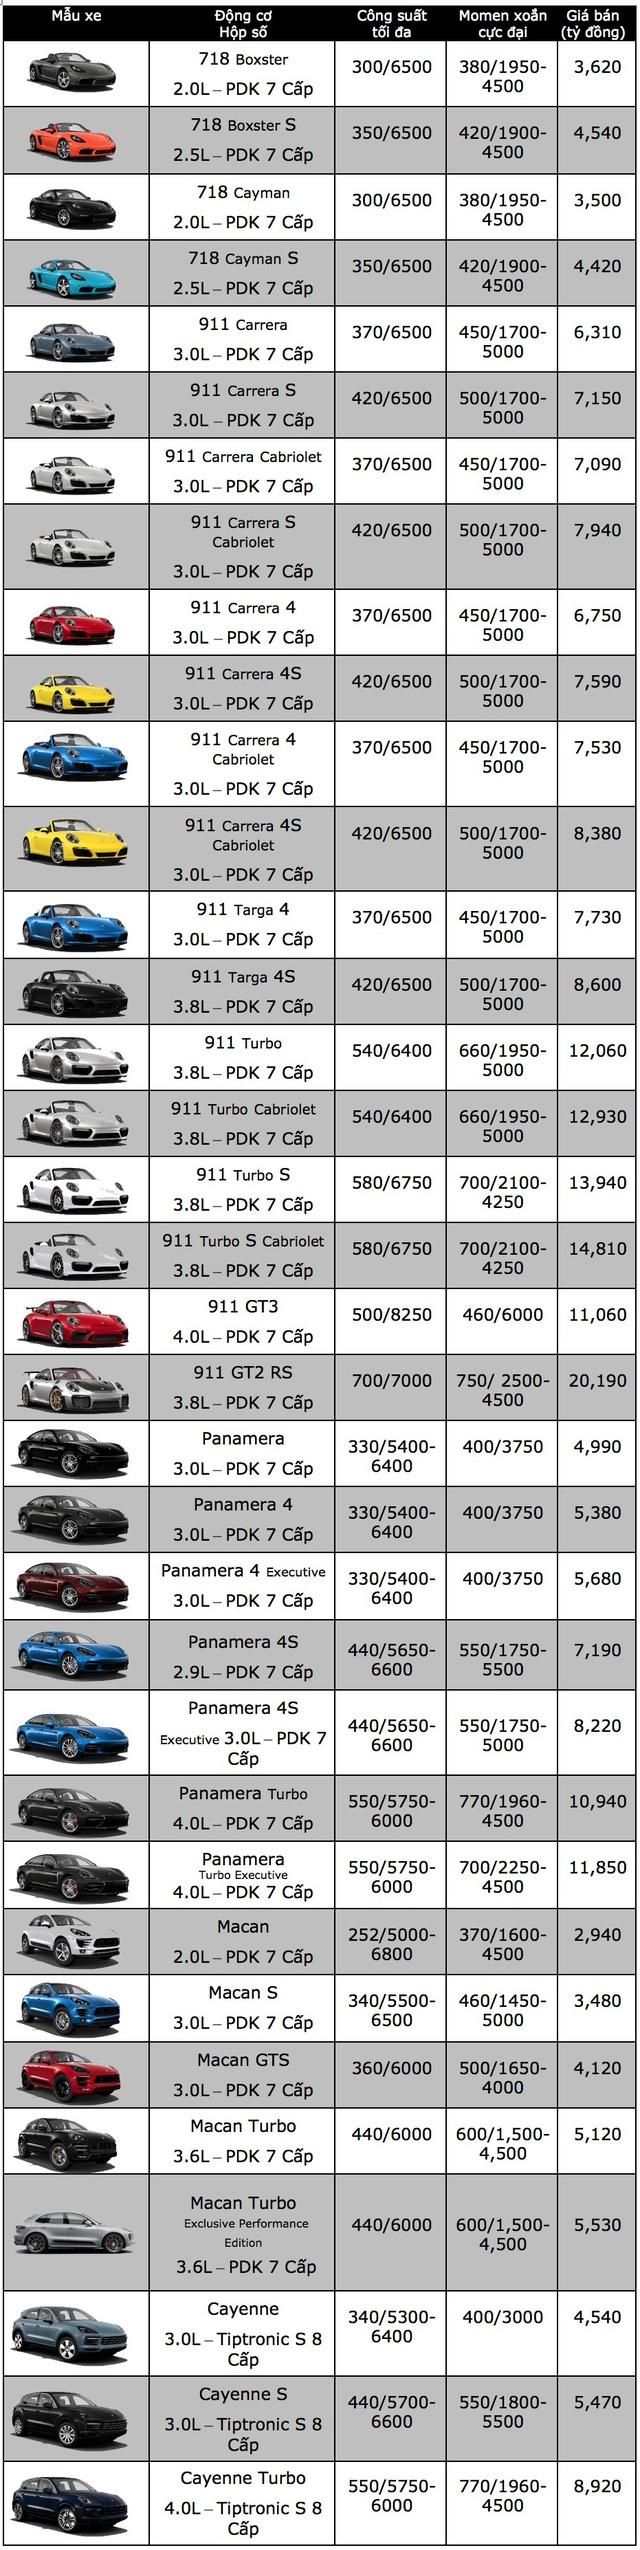 Bảng giá xe Porsche tại Việt Nam cập nhật tháng 9/2018 - 1